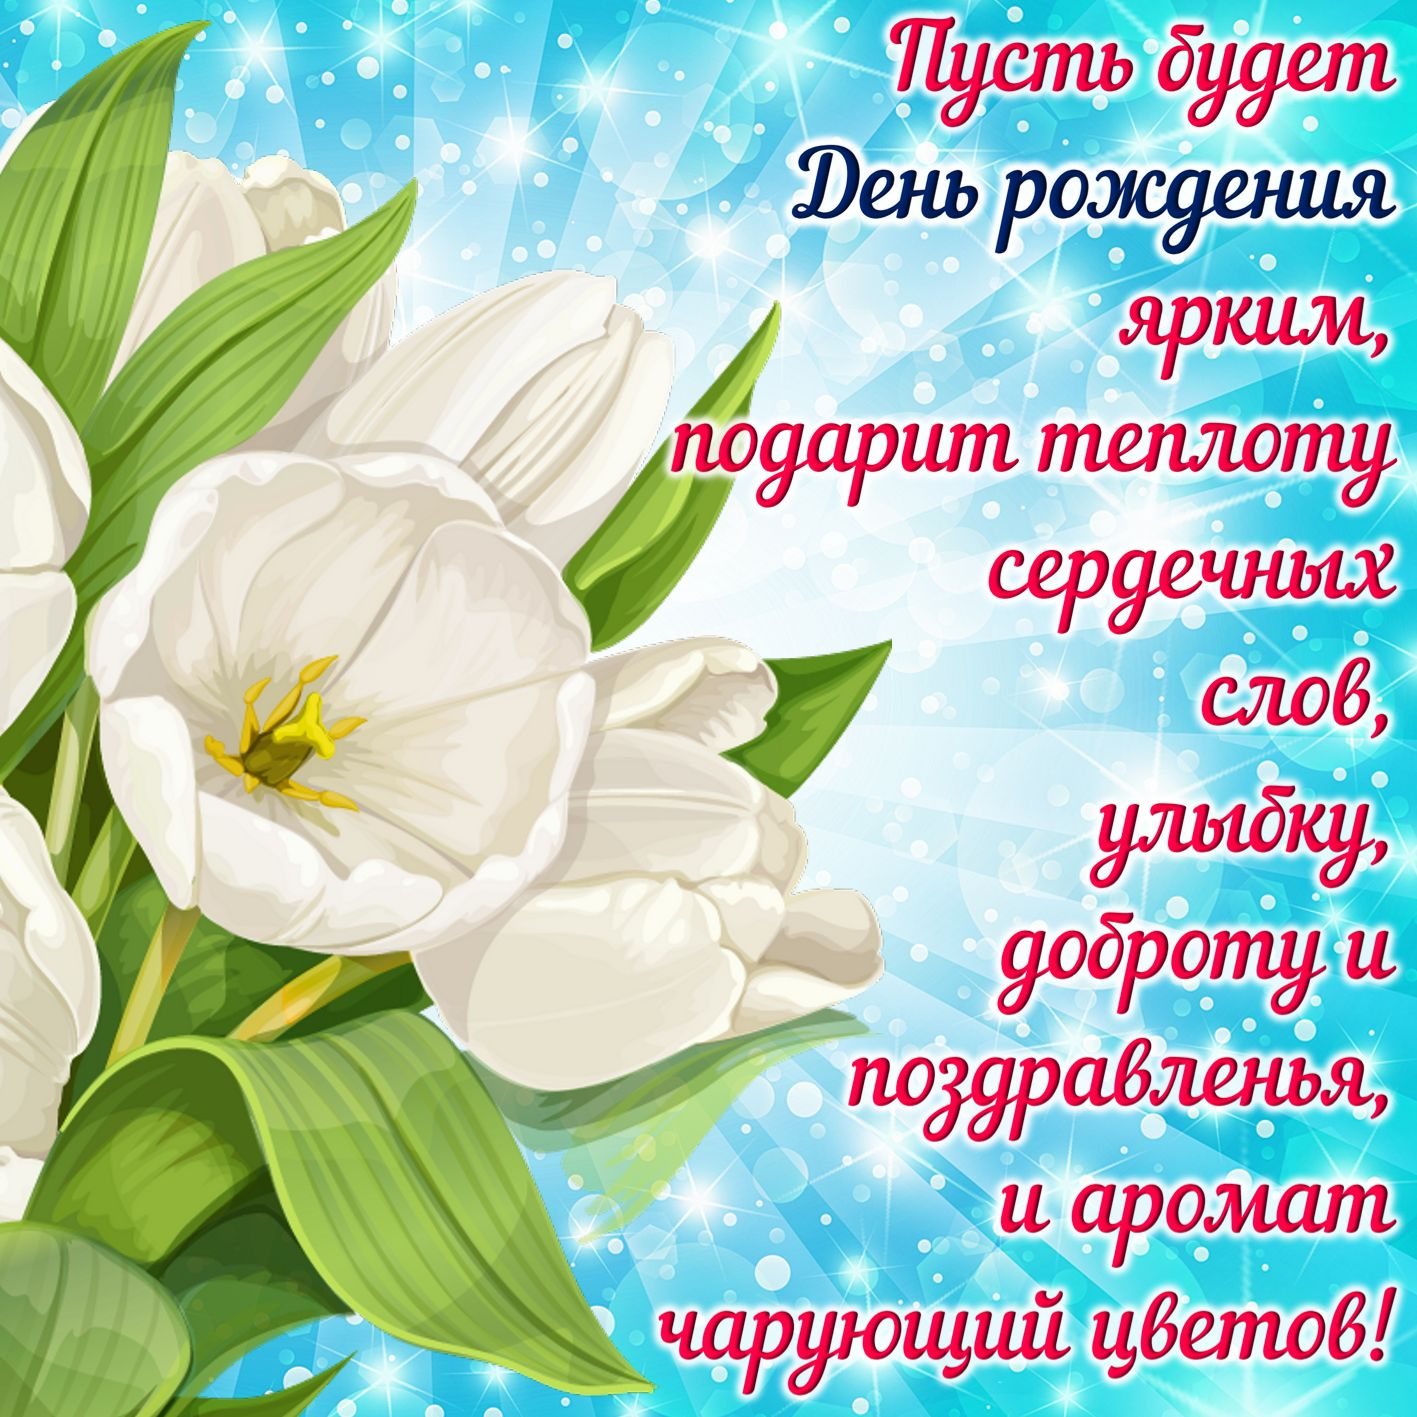 Стихи с днем рождения цвети как